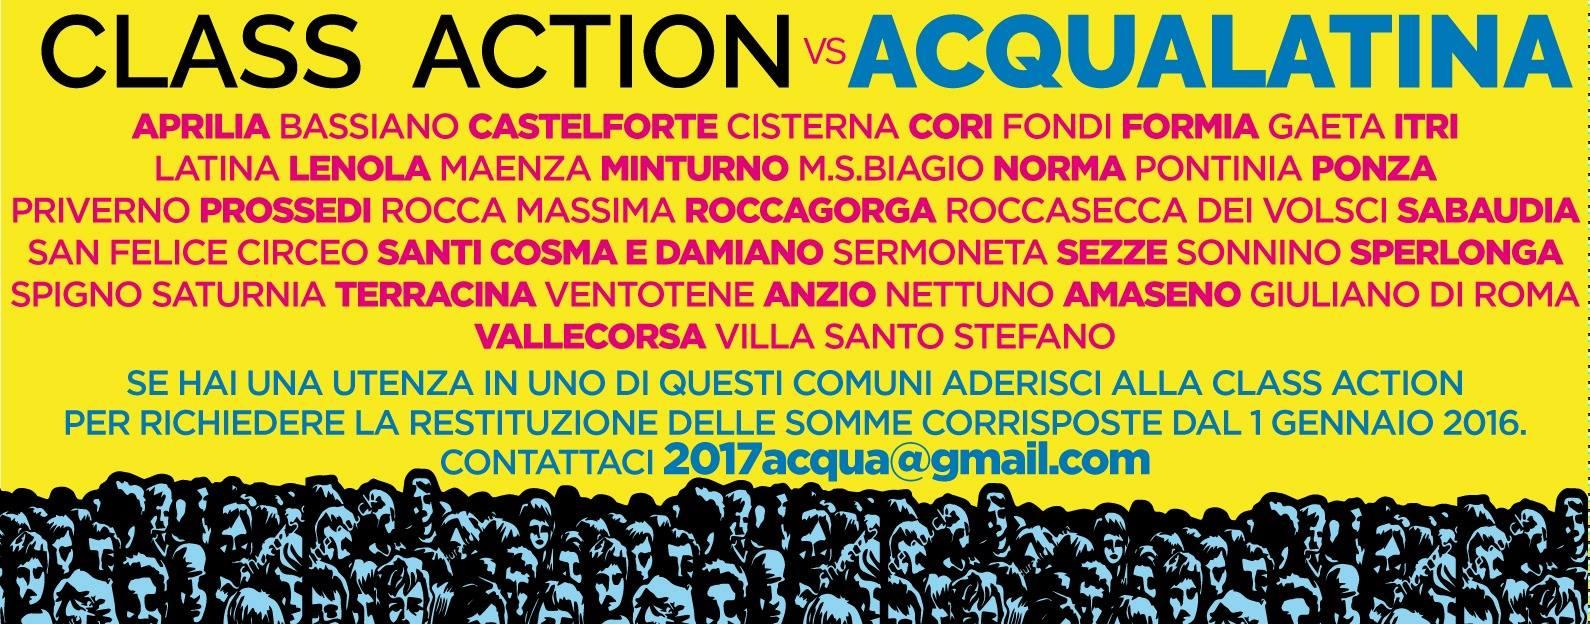 Class Action Acqualatina